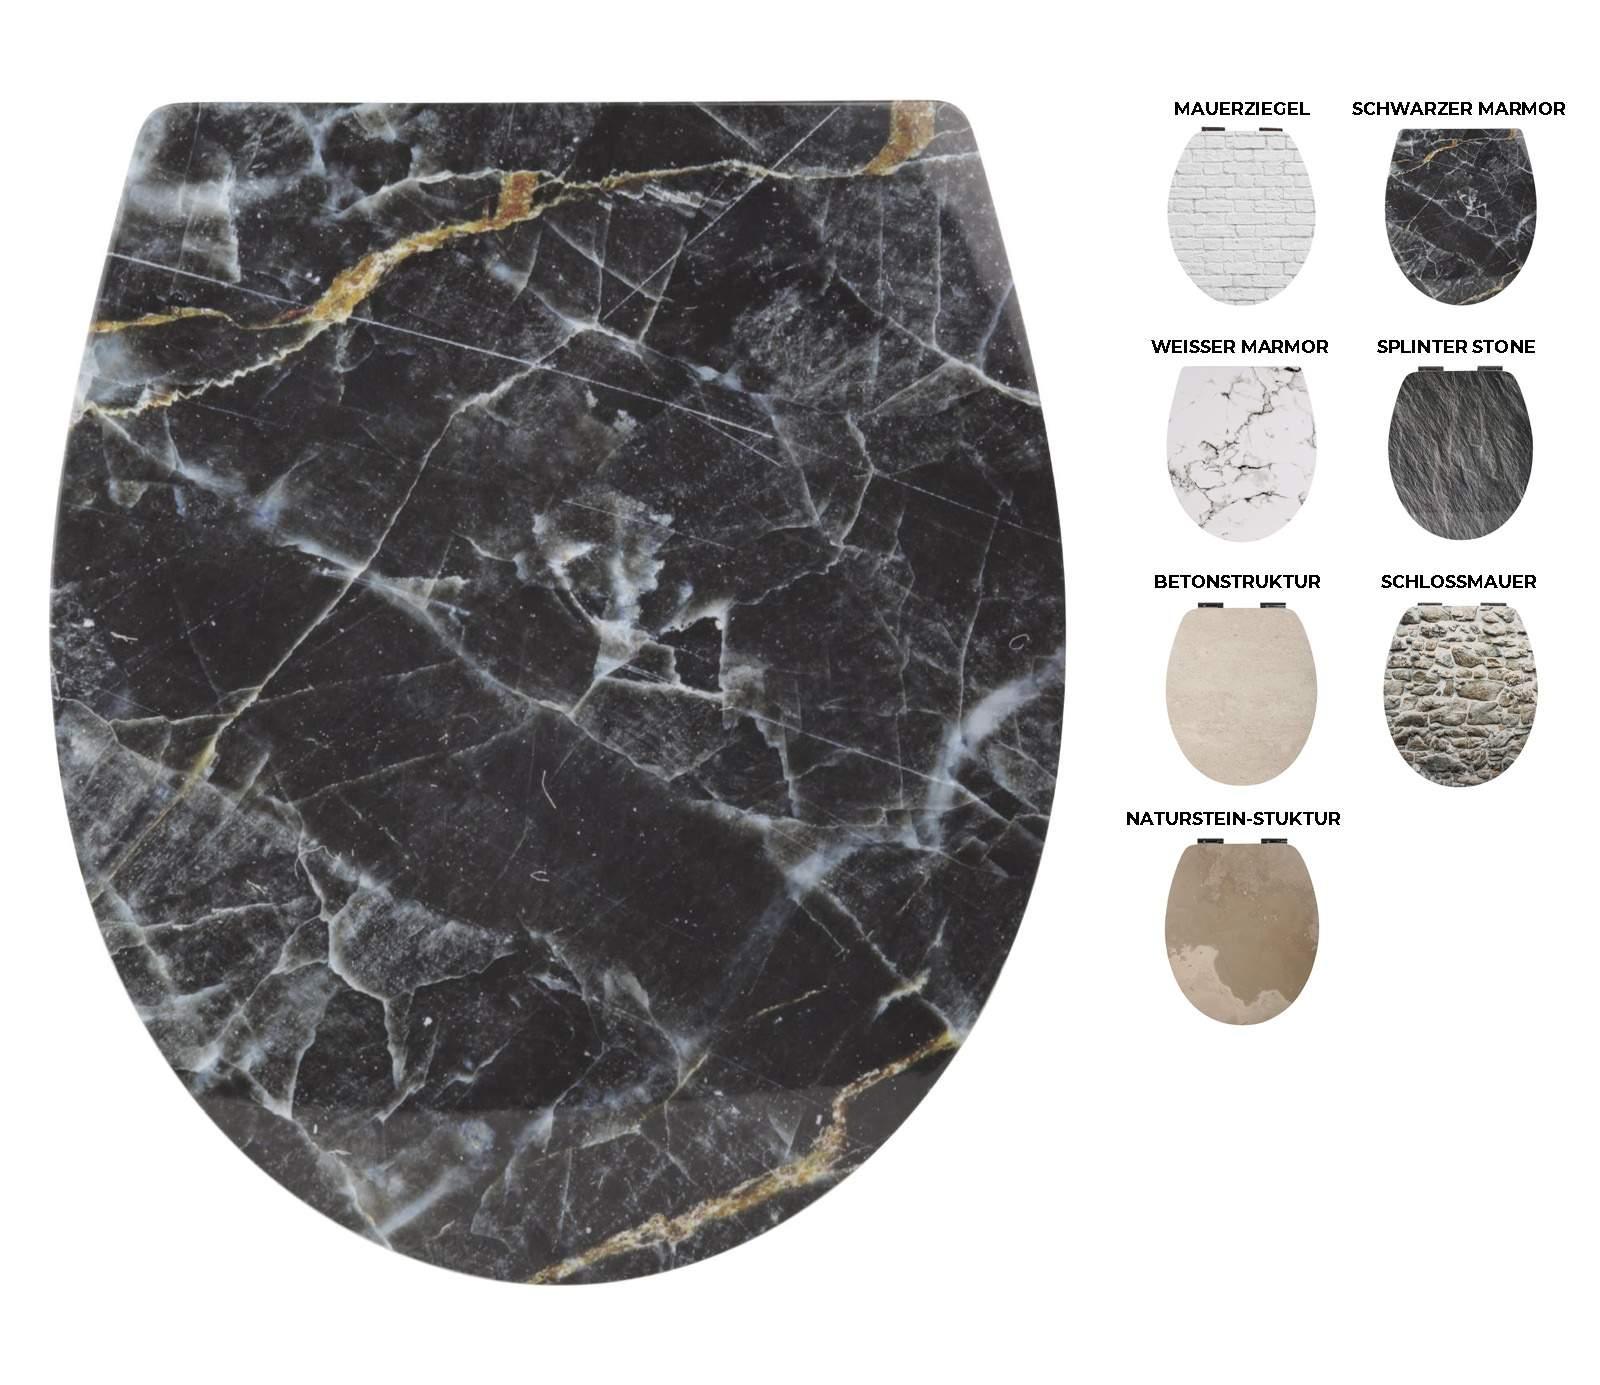 26lp5649 05 wc sitz motiv schwarzer marmor